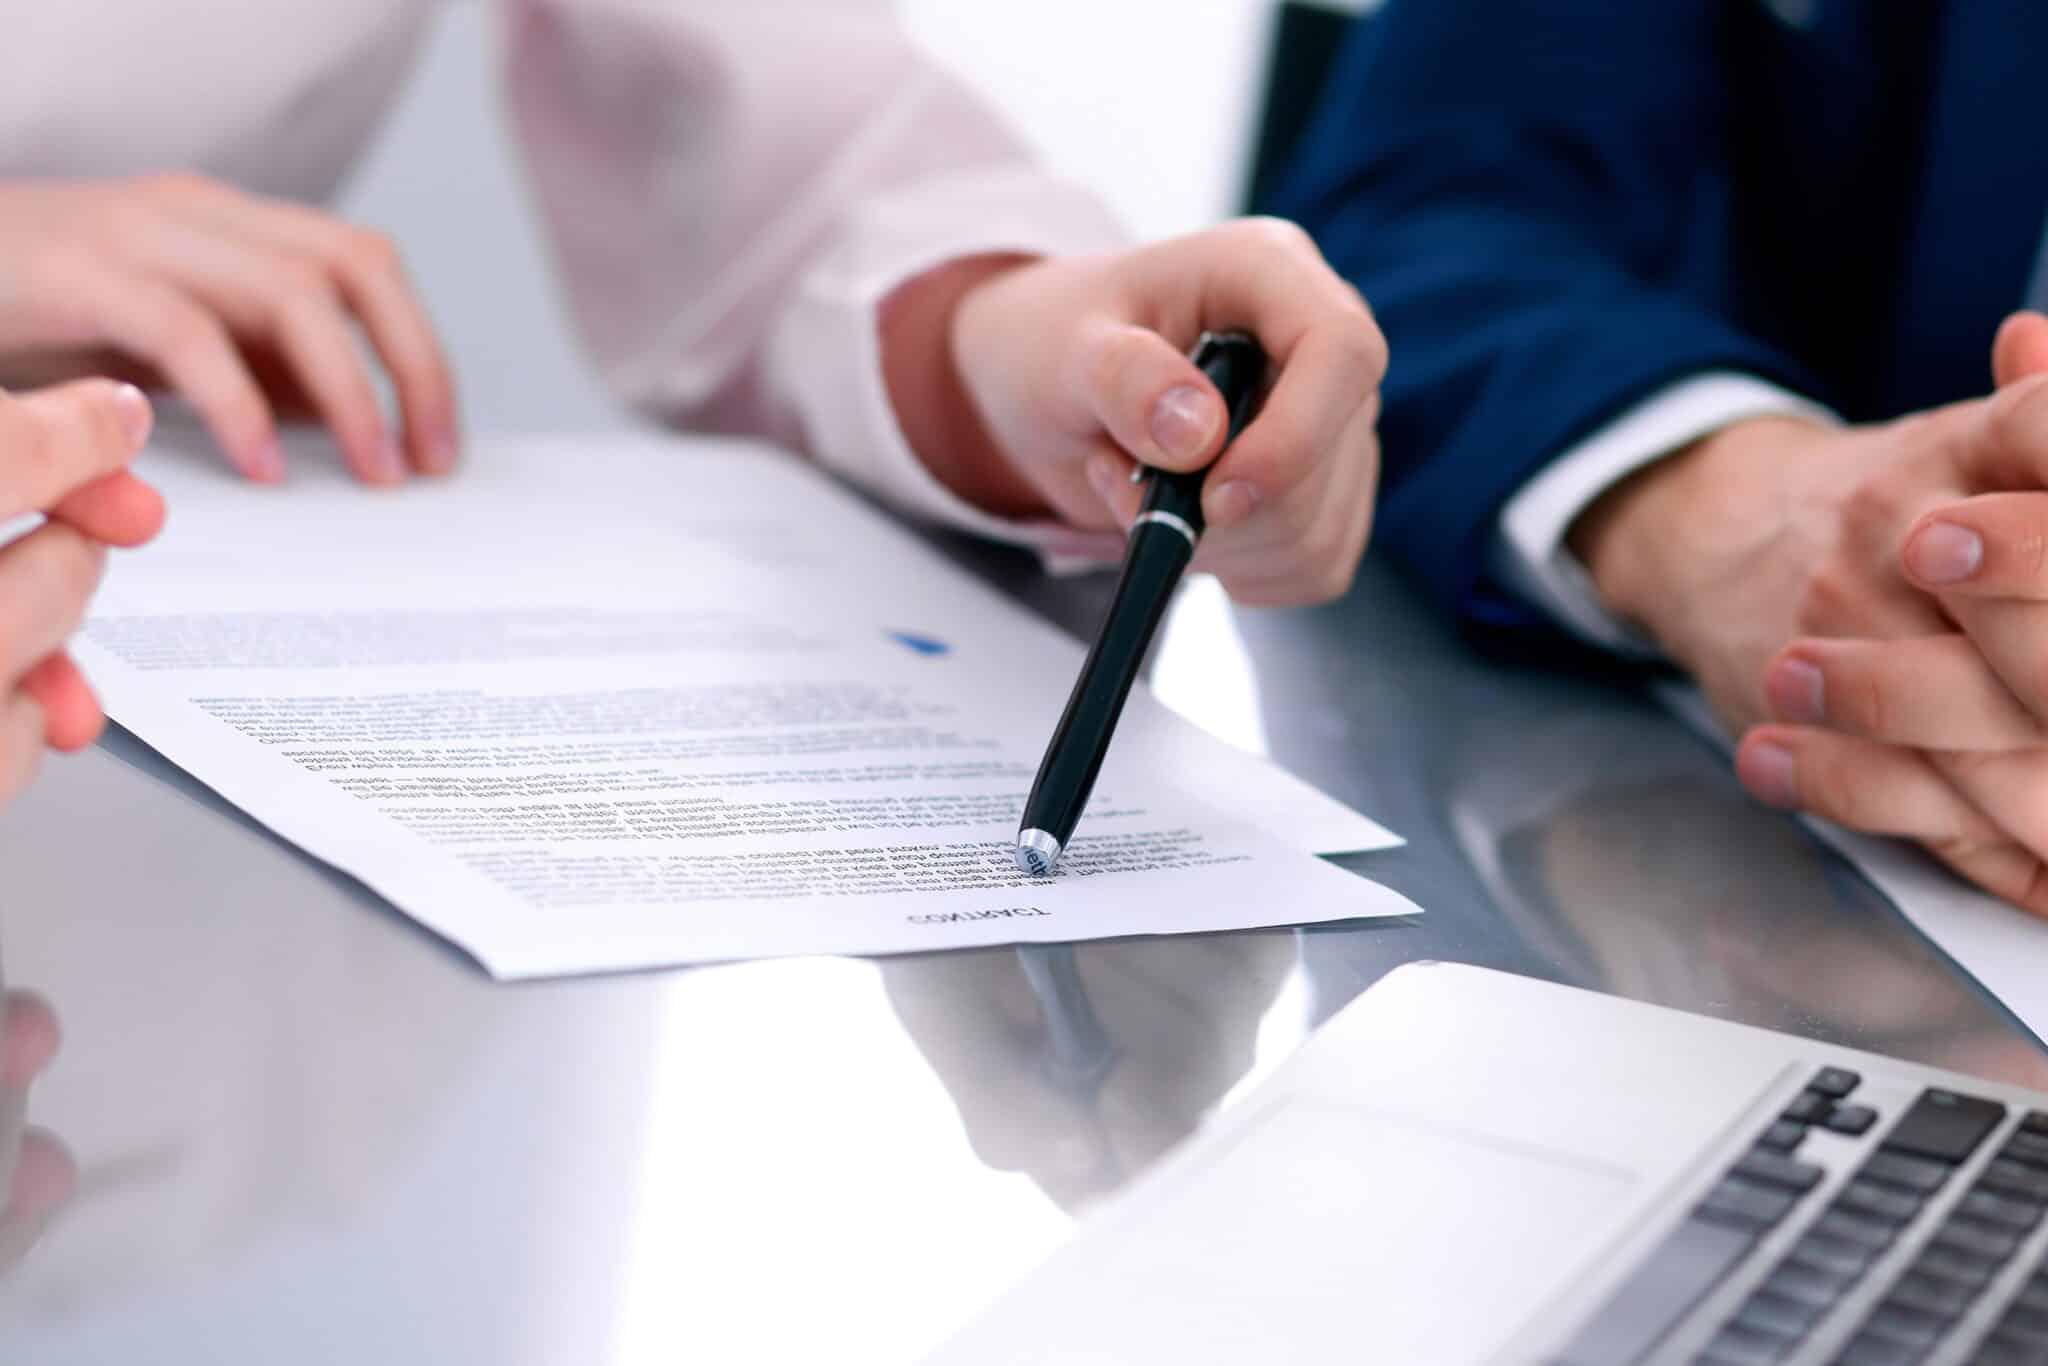 Составление договора купли-продажи юристом в Москве